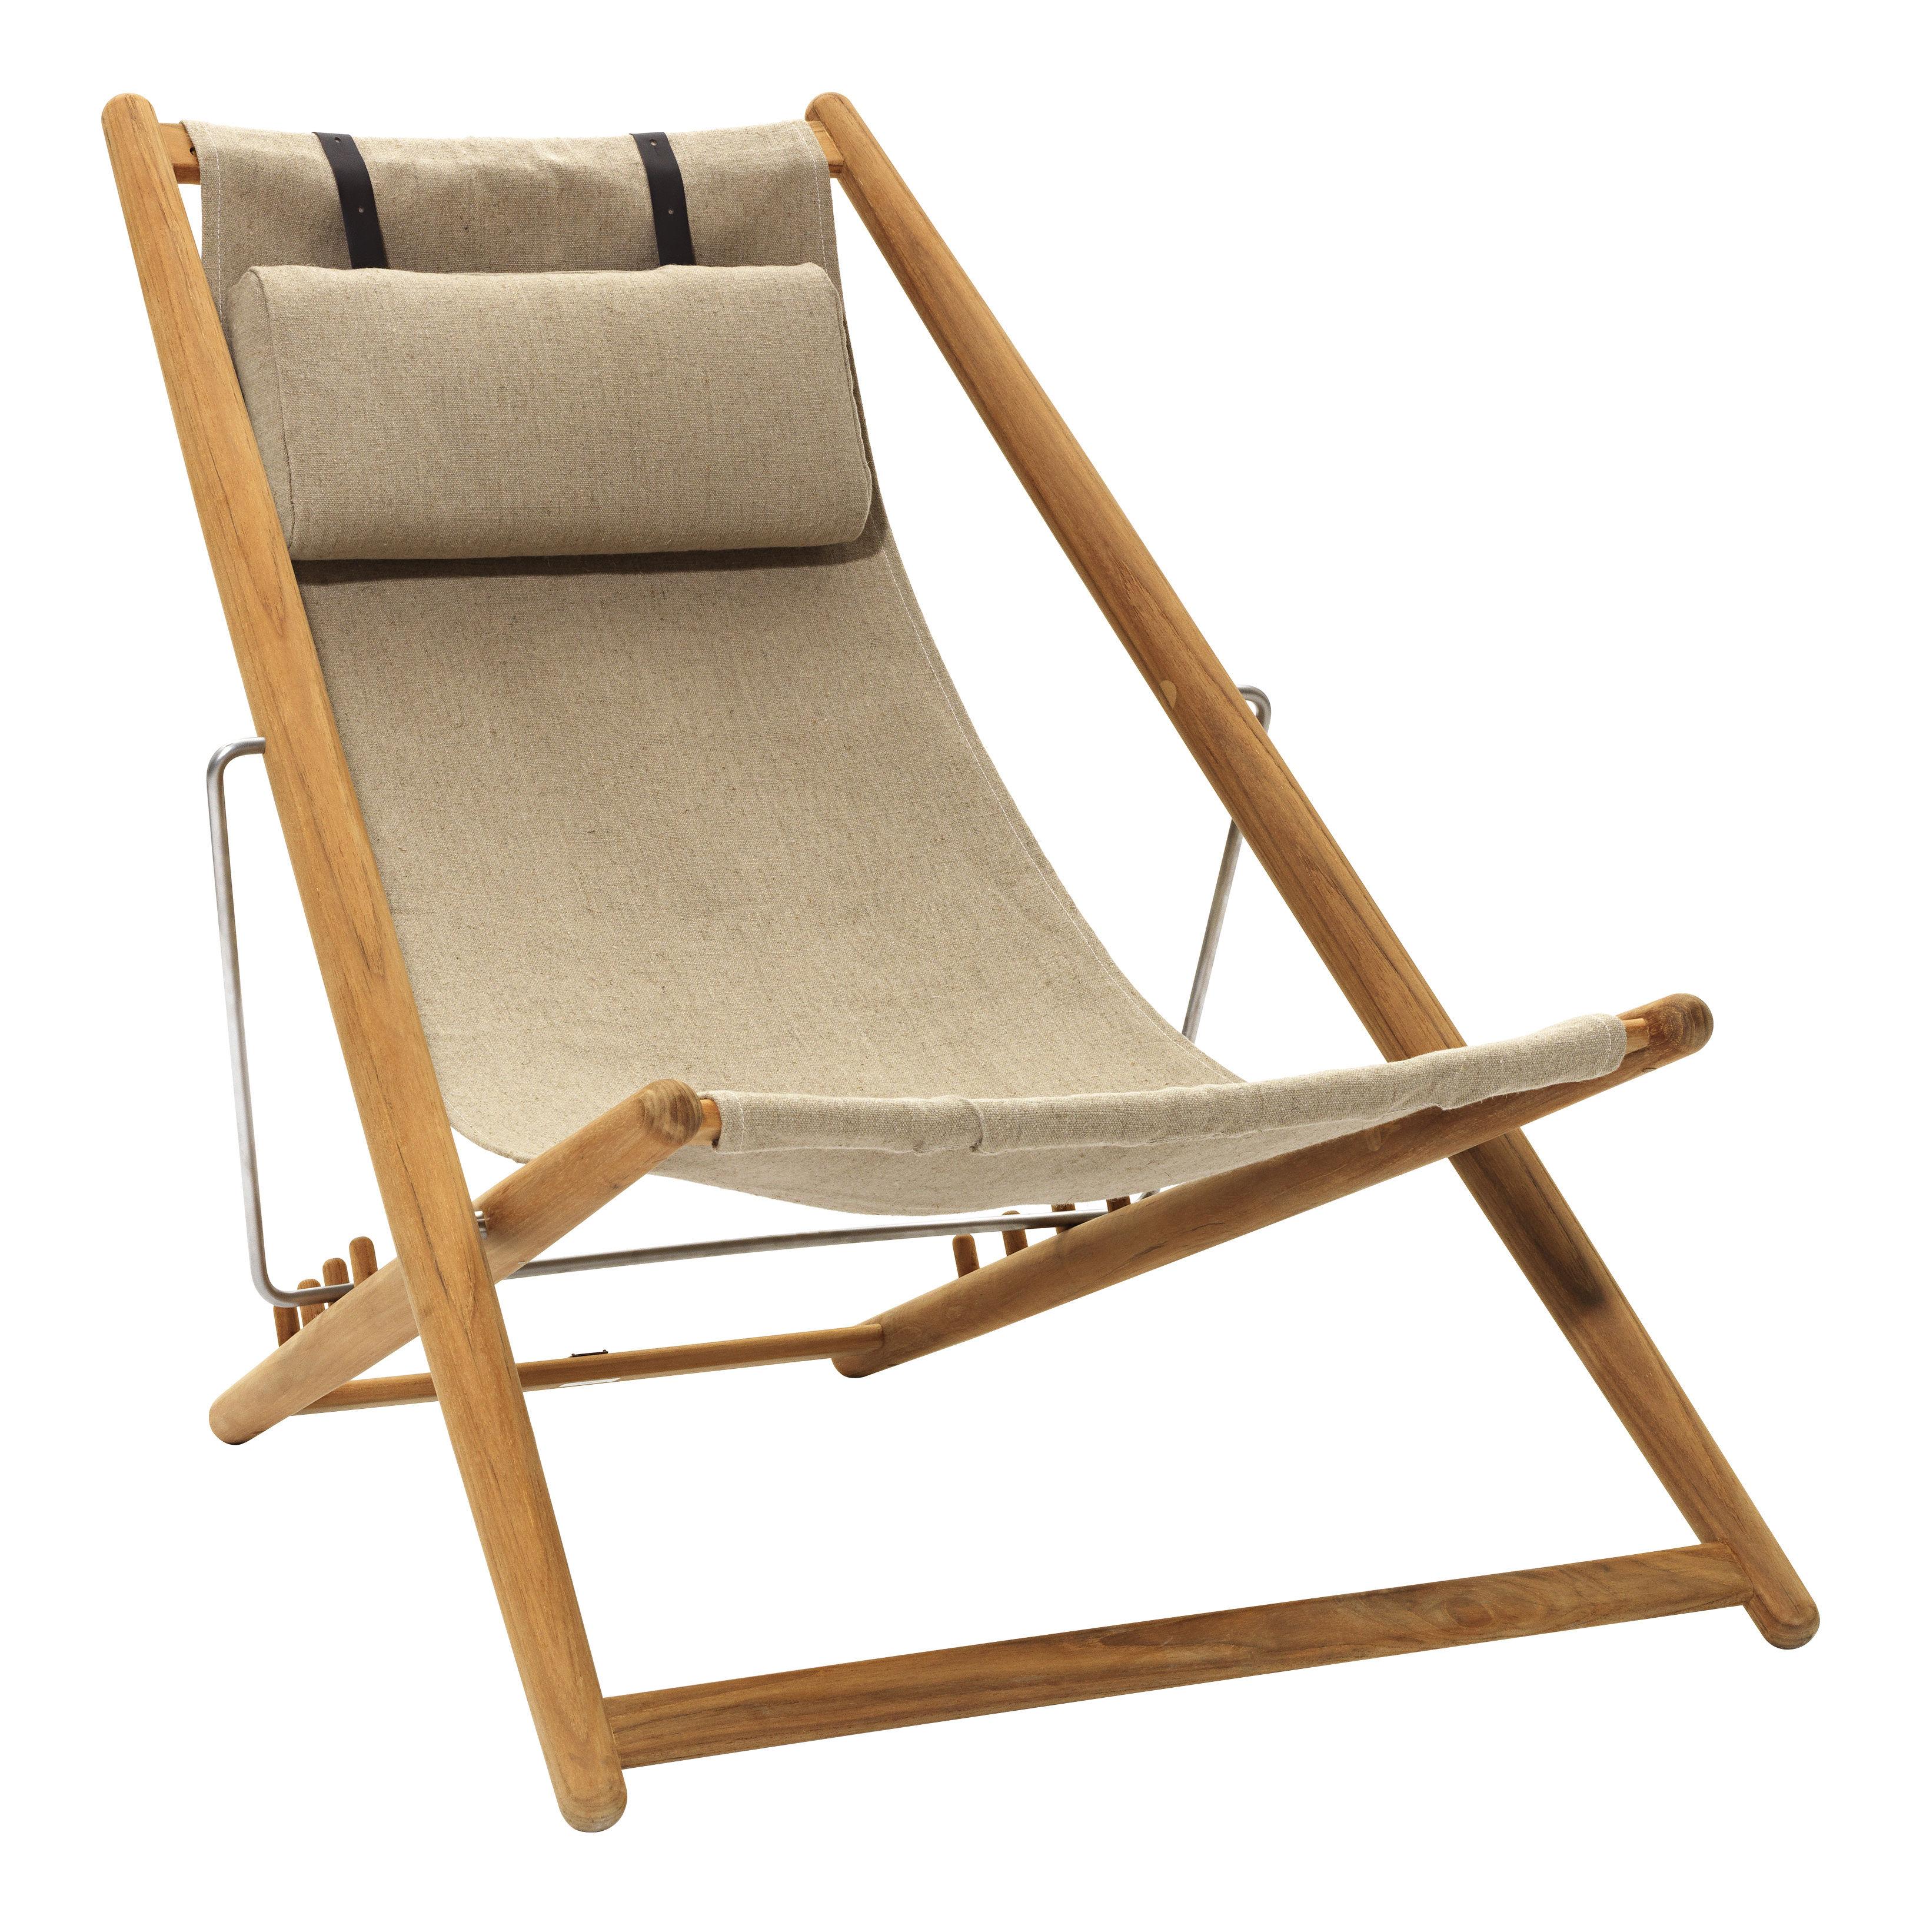 Jardin - Chaises longues et hamacs - Chaise longue H55 /Edition limitée 60 ans - Skargaarden - Teck / Beige - Teck, Toile